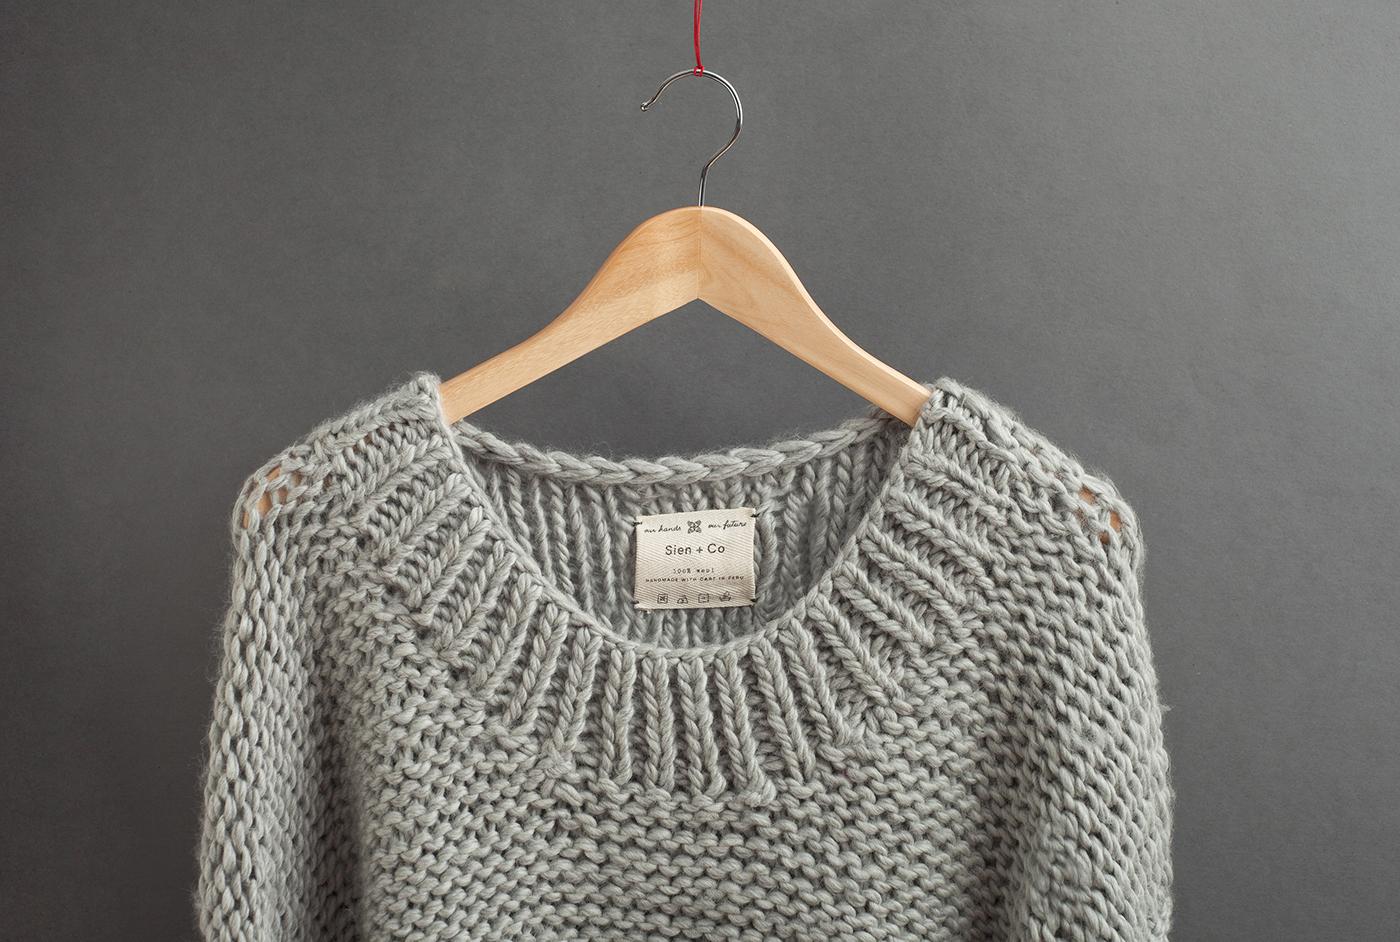 Sien+Co手工针织服饰品牌 欣赏-第21张